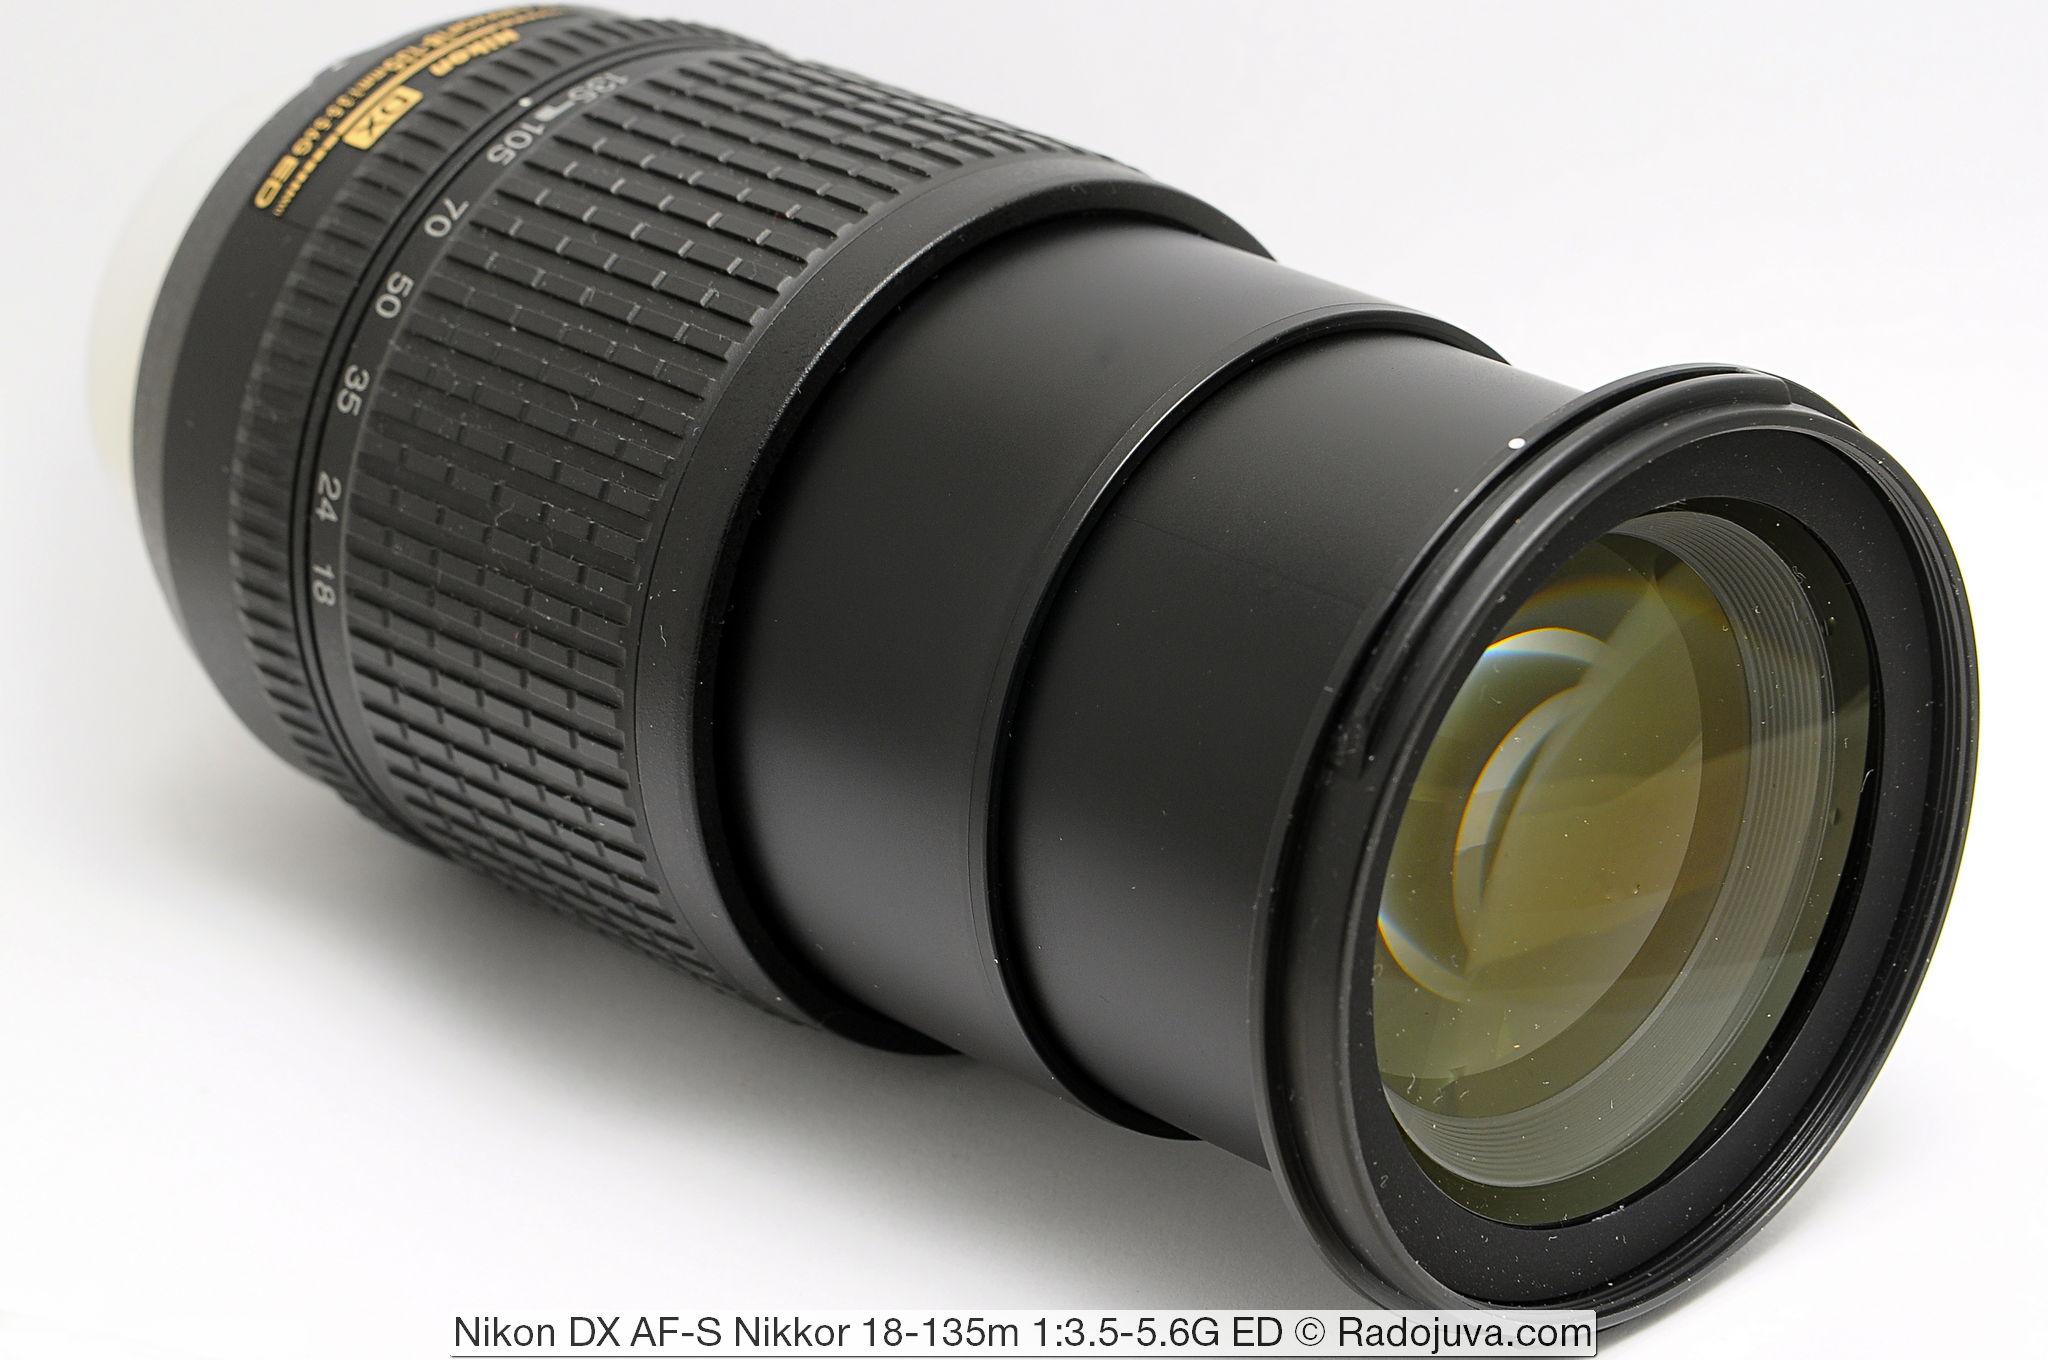 Nikon DX AF-S Nikkor 18-135m 1:3.5-5.6G ED SWM IF Aspherical